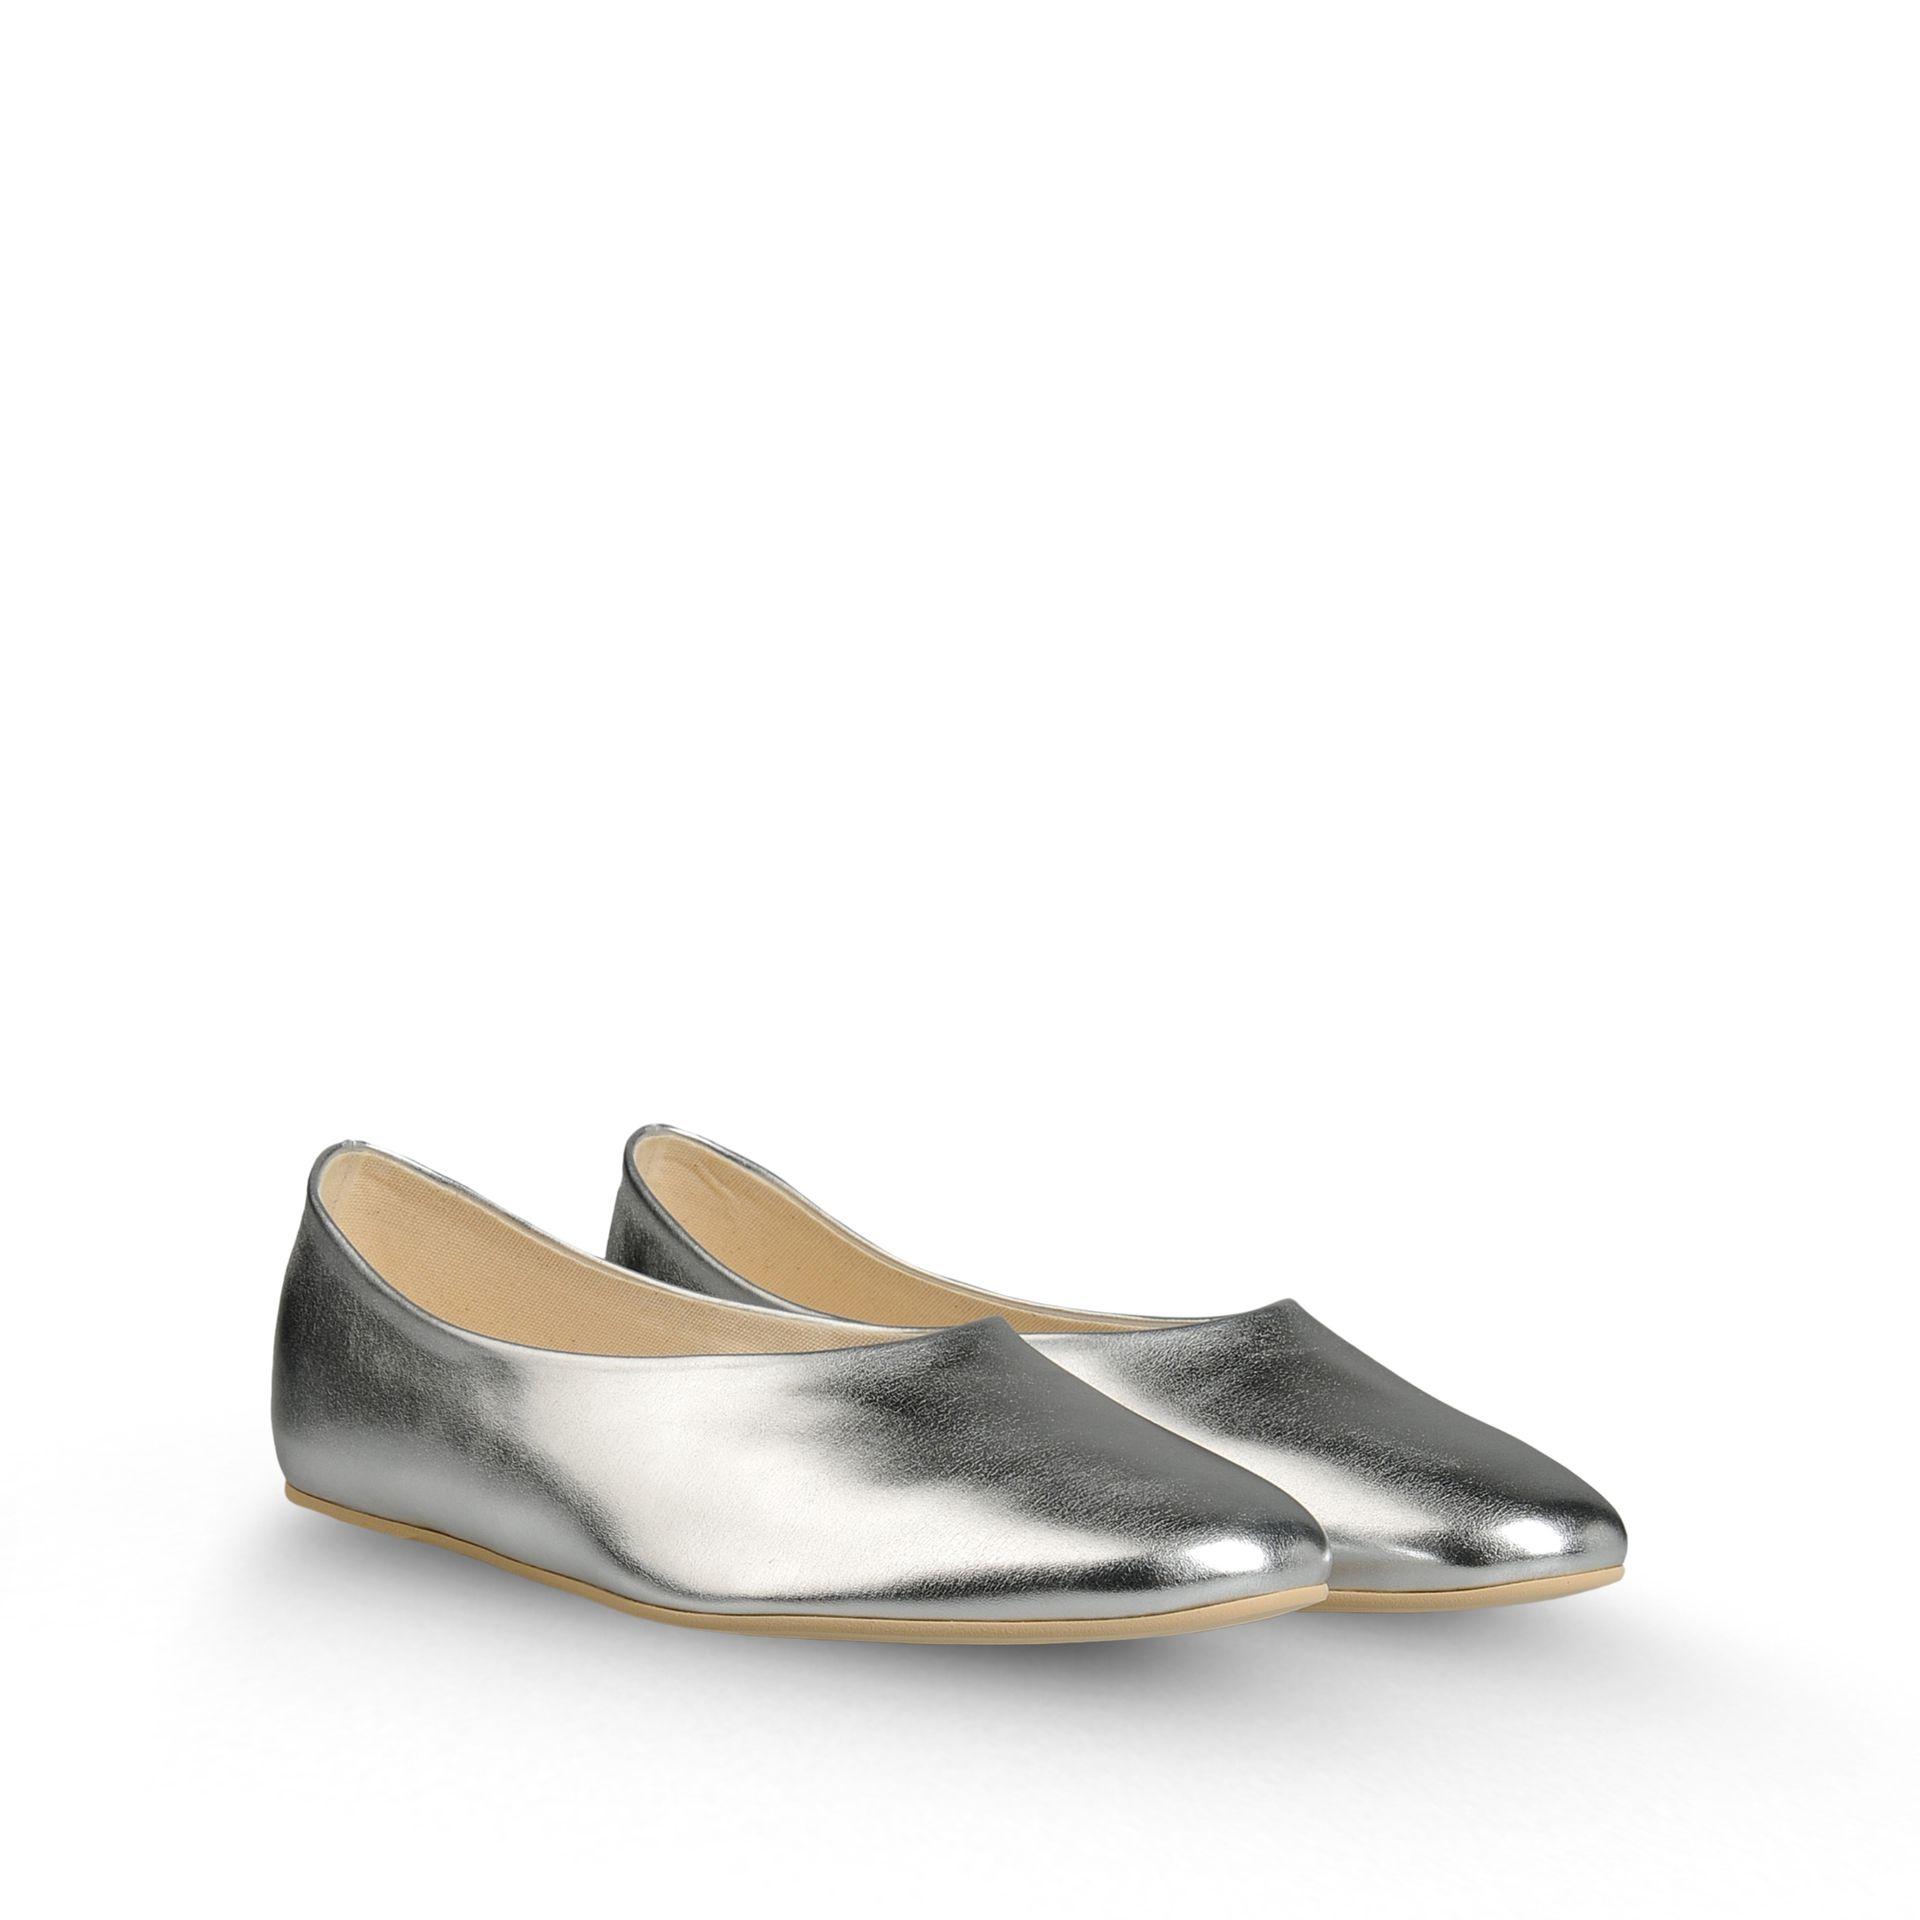 Stella Mccartney Flat Shoes in Silver